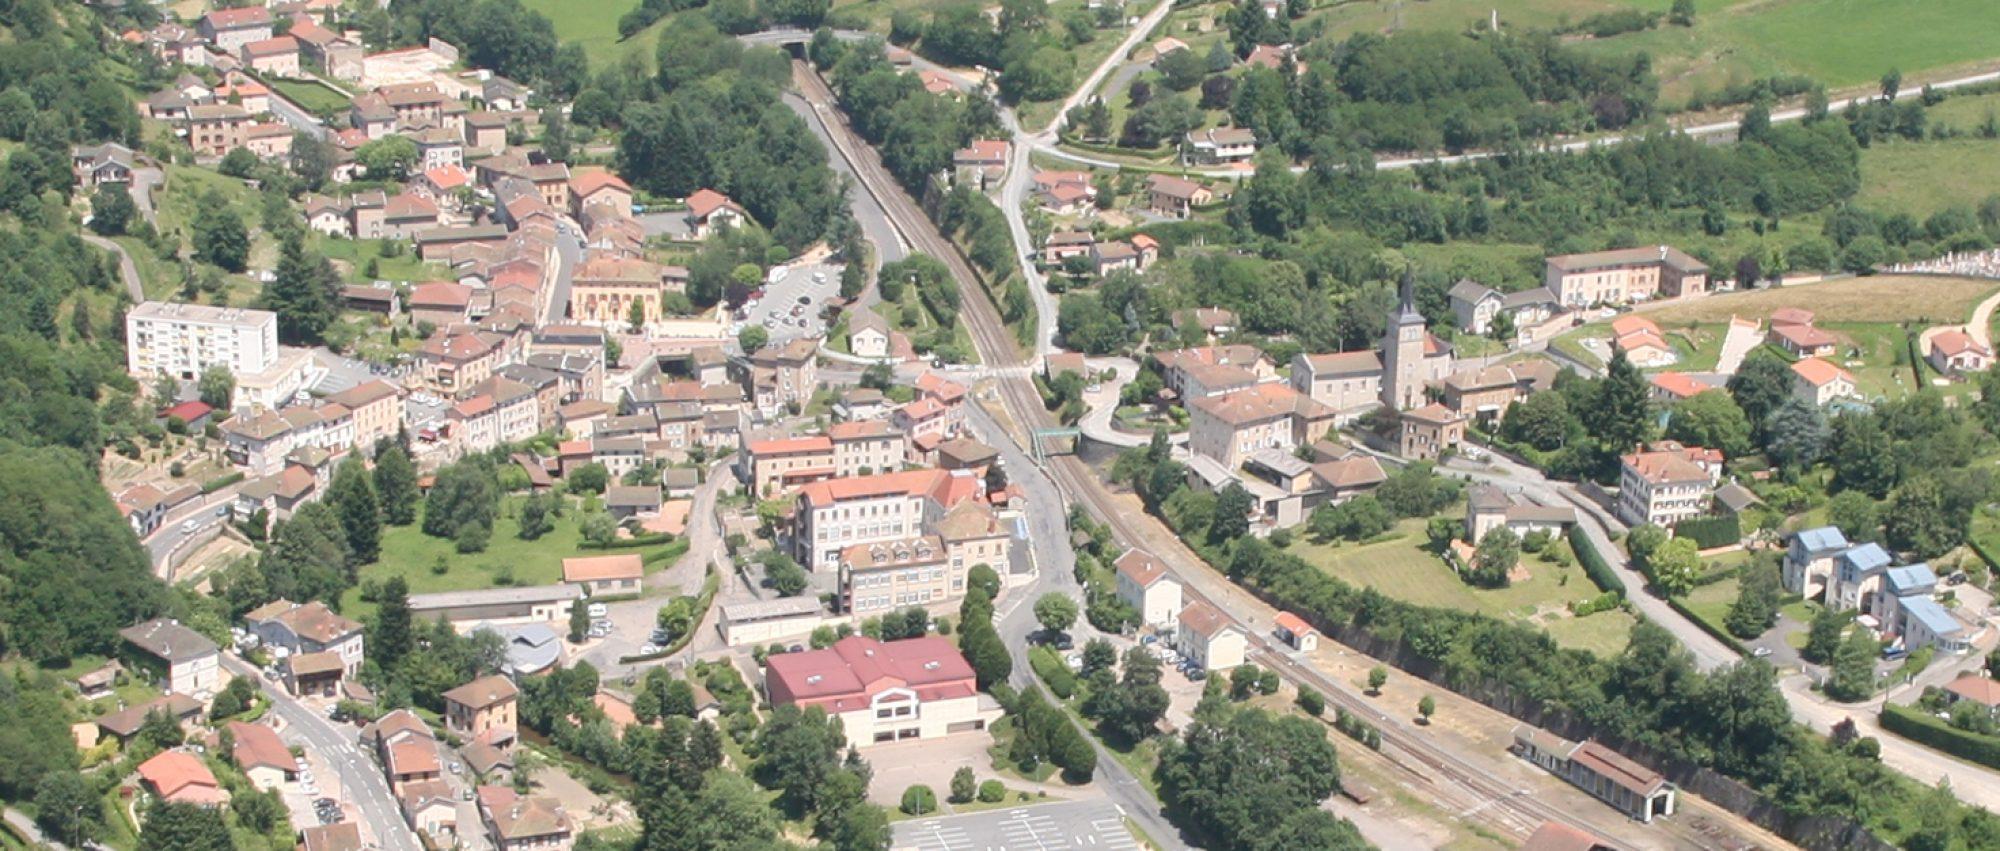 Lamure-sur-Azergues